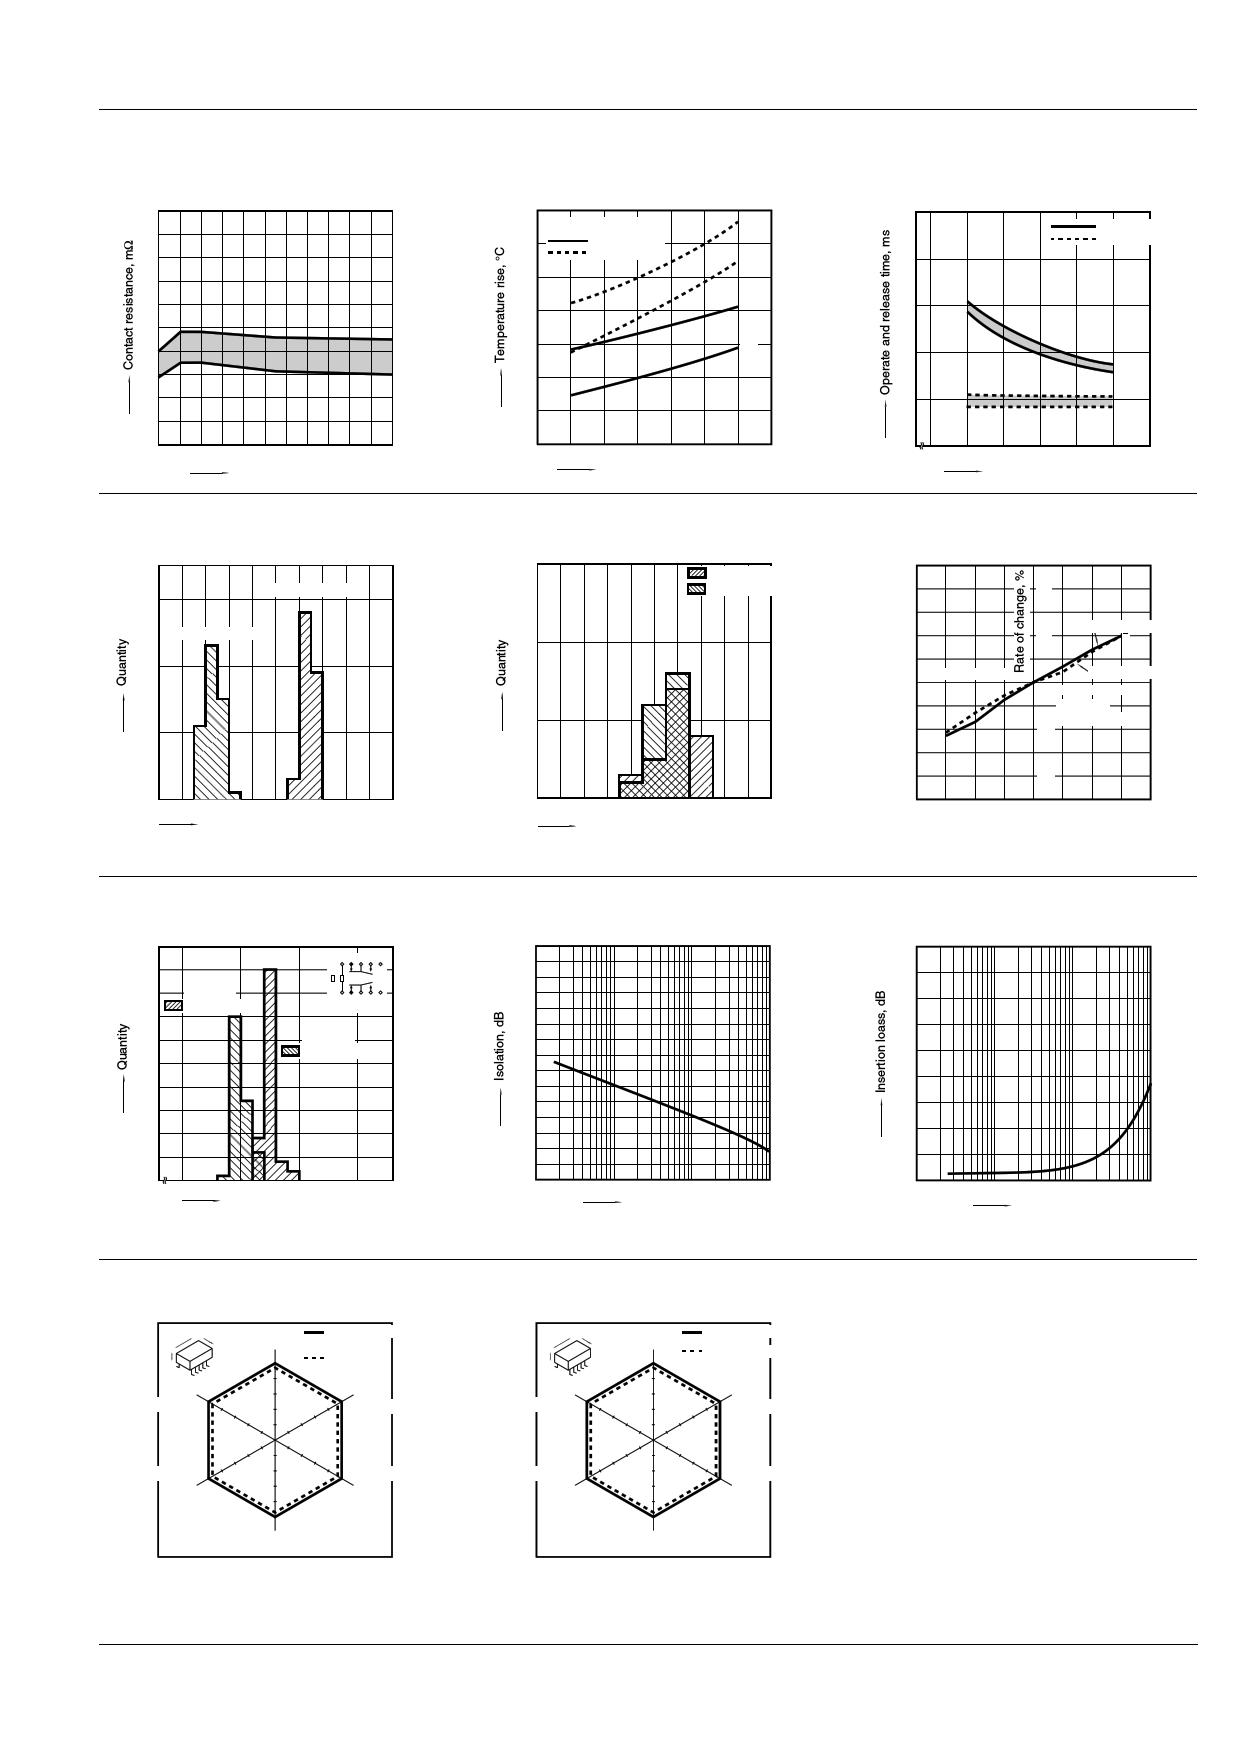 TQ2SS-3V pdf, 반도체, 판매, 대치품